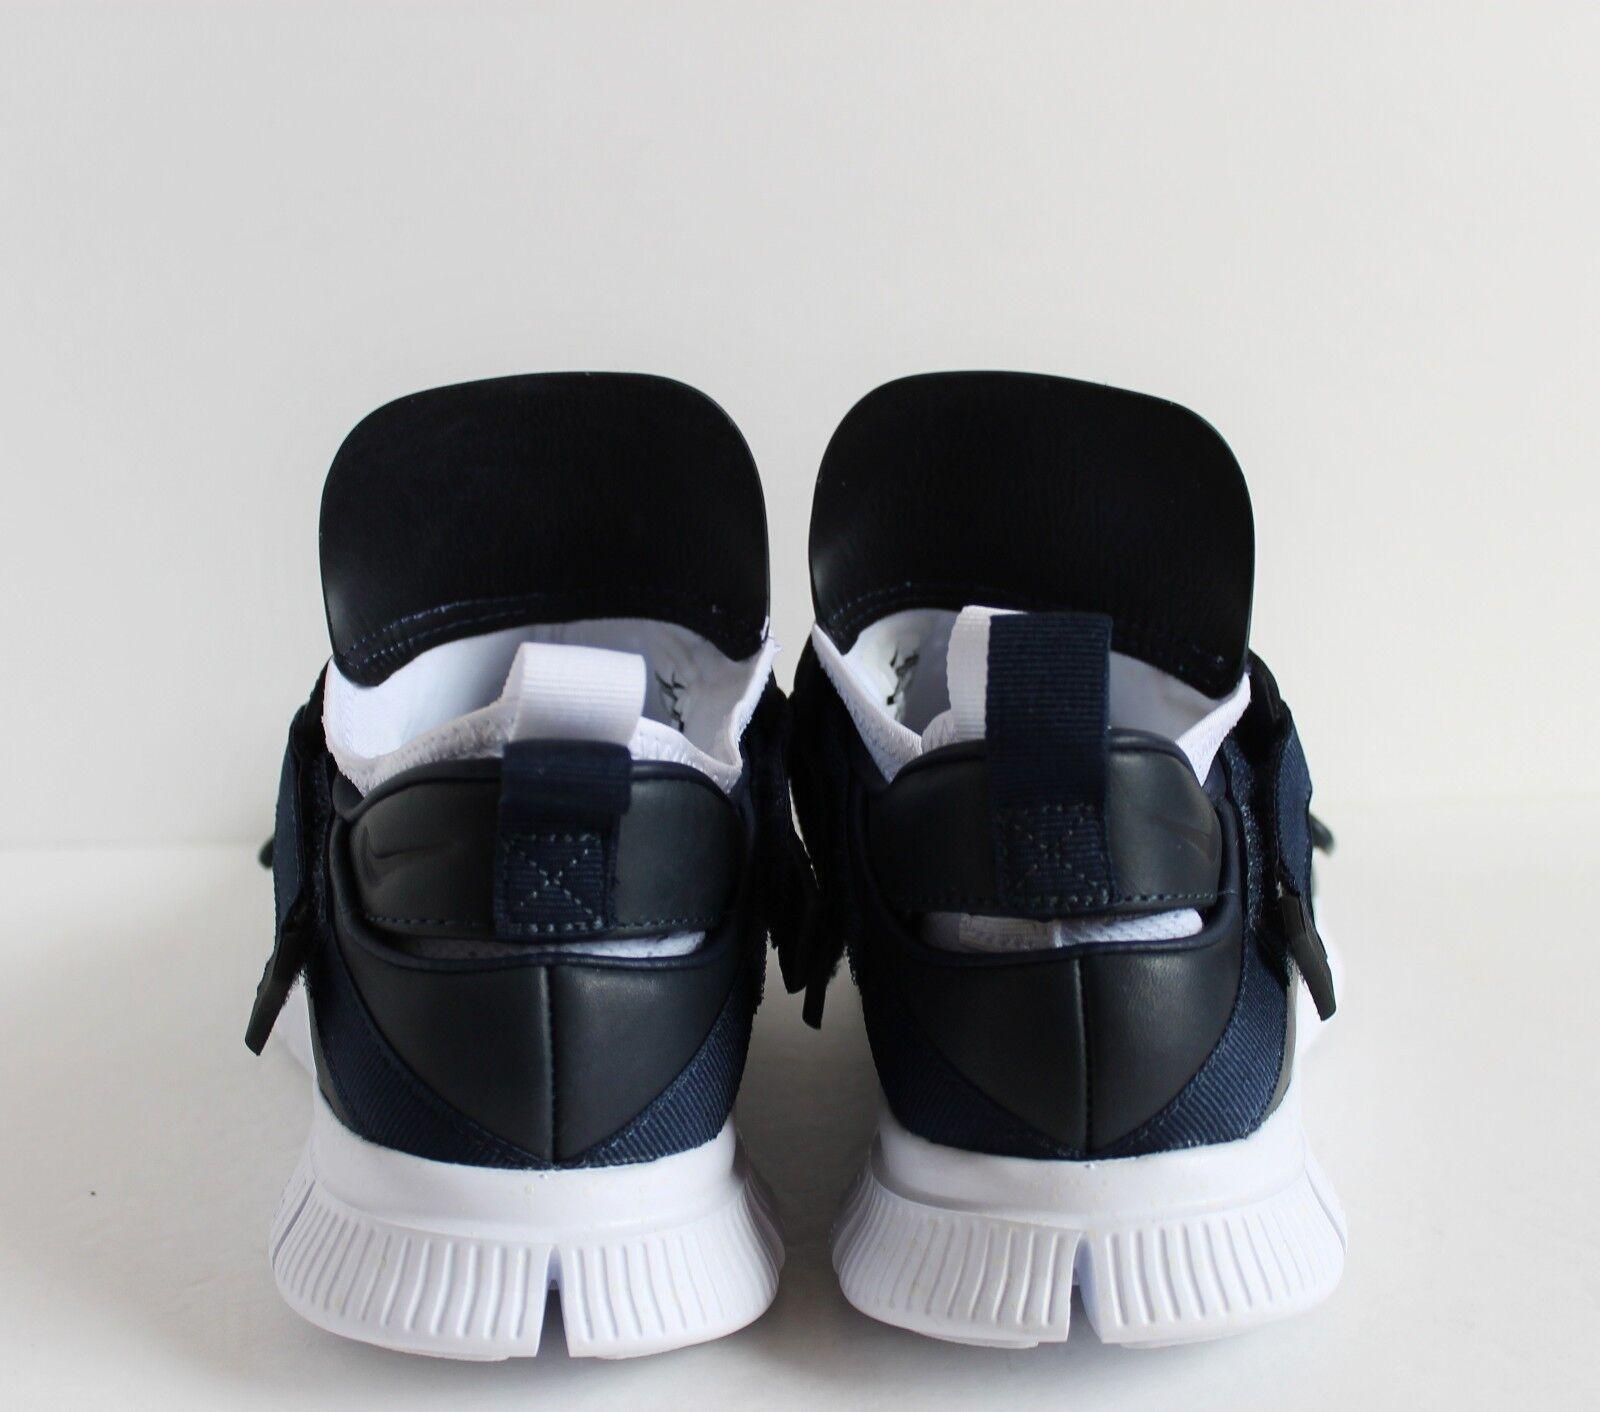 Nike huarache fleischfresser sp obsidian Blau-Weiß marine frei Blau-Weiß obsidian sz. 191214